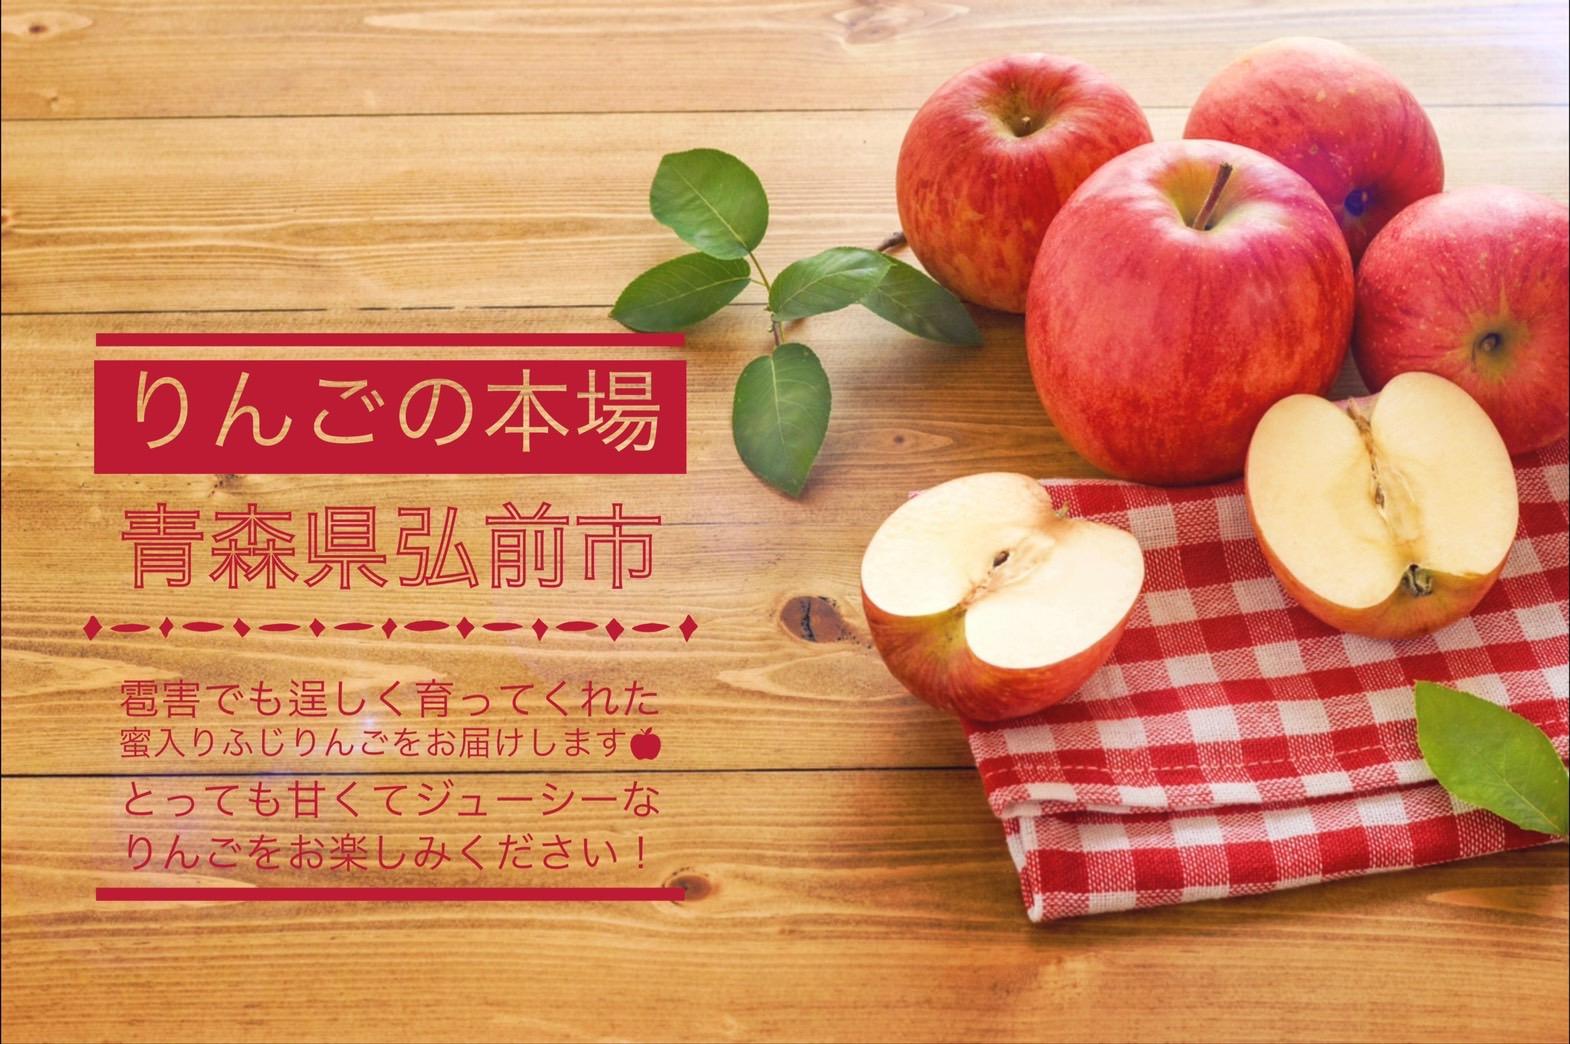 【予約販売:応援価格】果樹園ポムの木 幸せの赤い蜜入りふじりんご🍎5kg(16~20個)